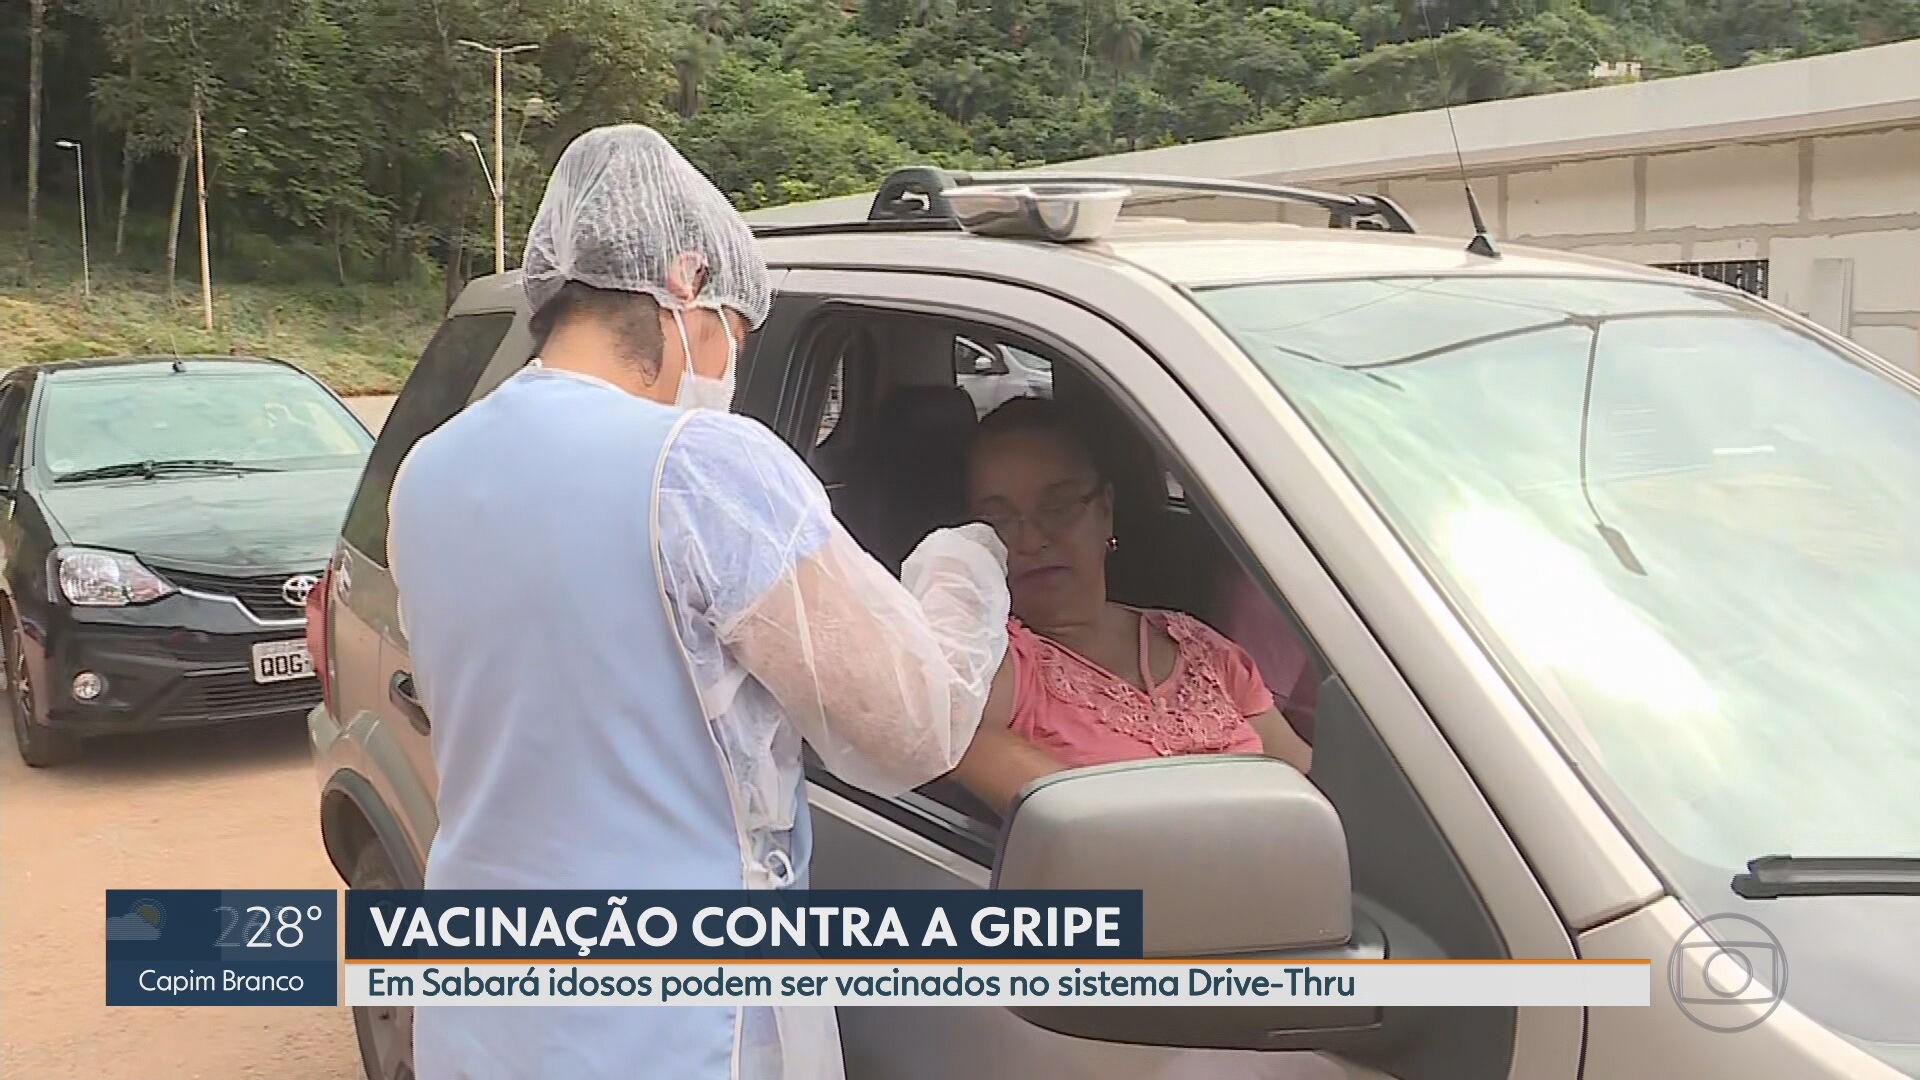 Sabará monta 'drive-thru' para imunizar idosos contra a gripe